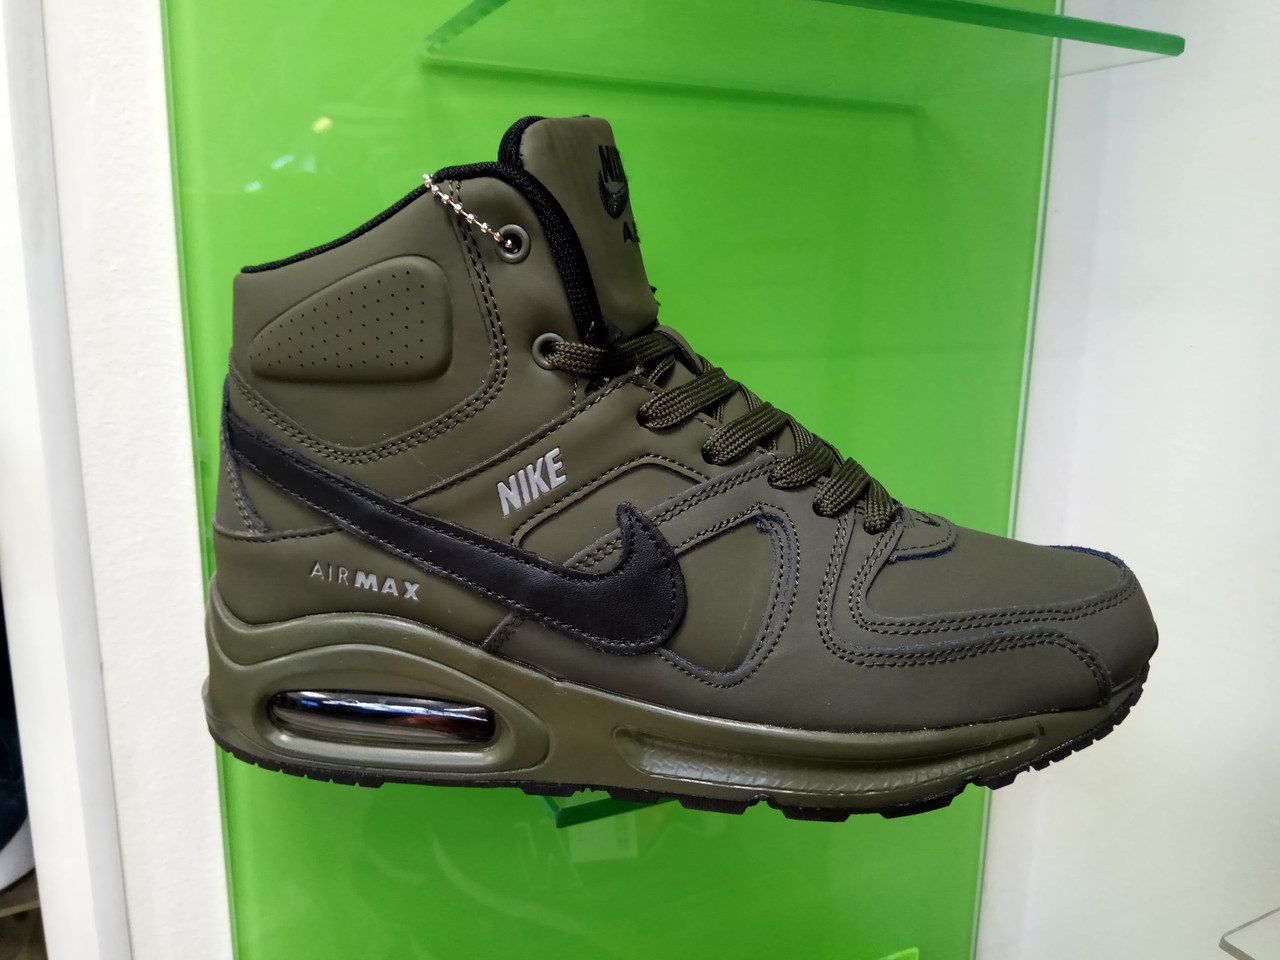 c4992284 Женские и подростковые зимние кроссовки Nike Air Max Winter Olive ...